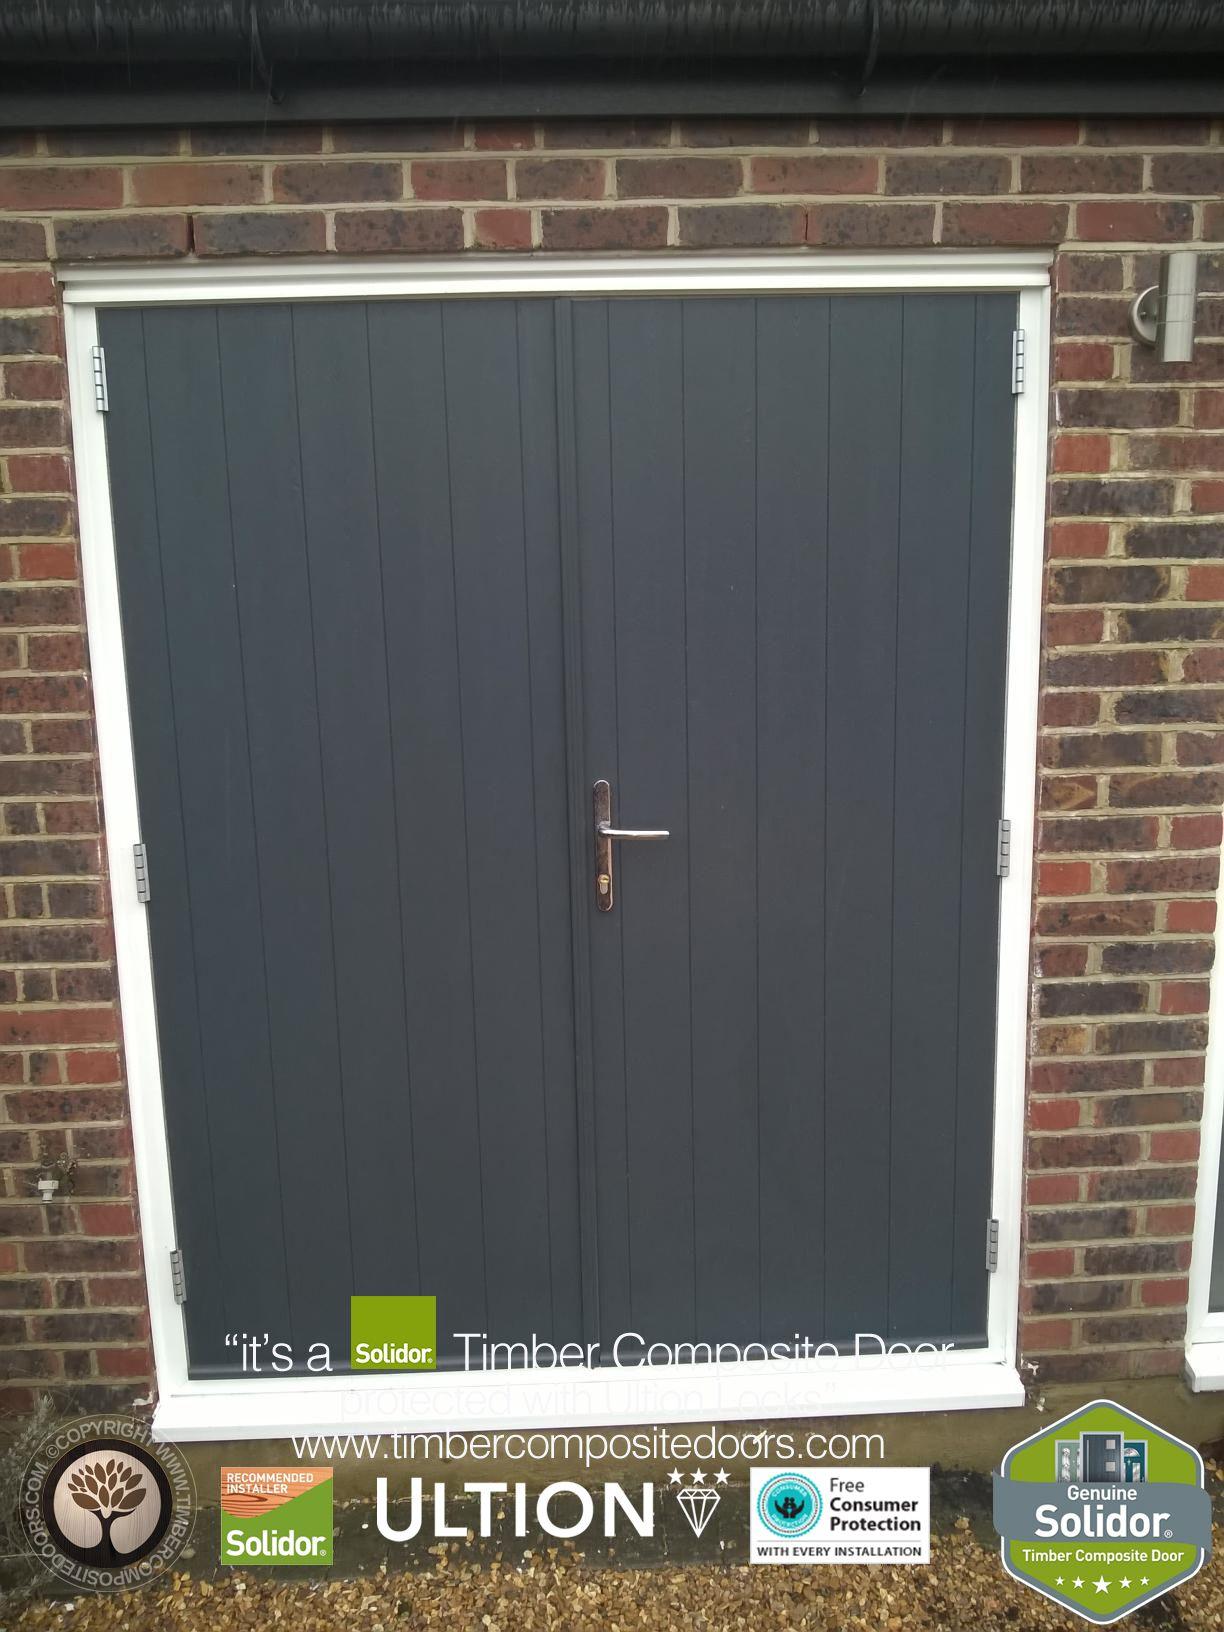 Solidor Composite Doors By Timber Composite Doors The Largest Range Of Timber Core Composite Doors Stable Doors Available F Composite Door French Doors Doors